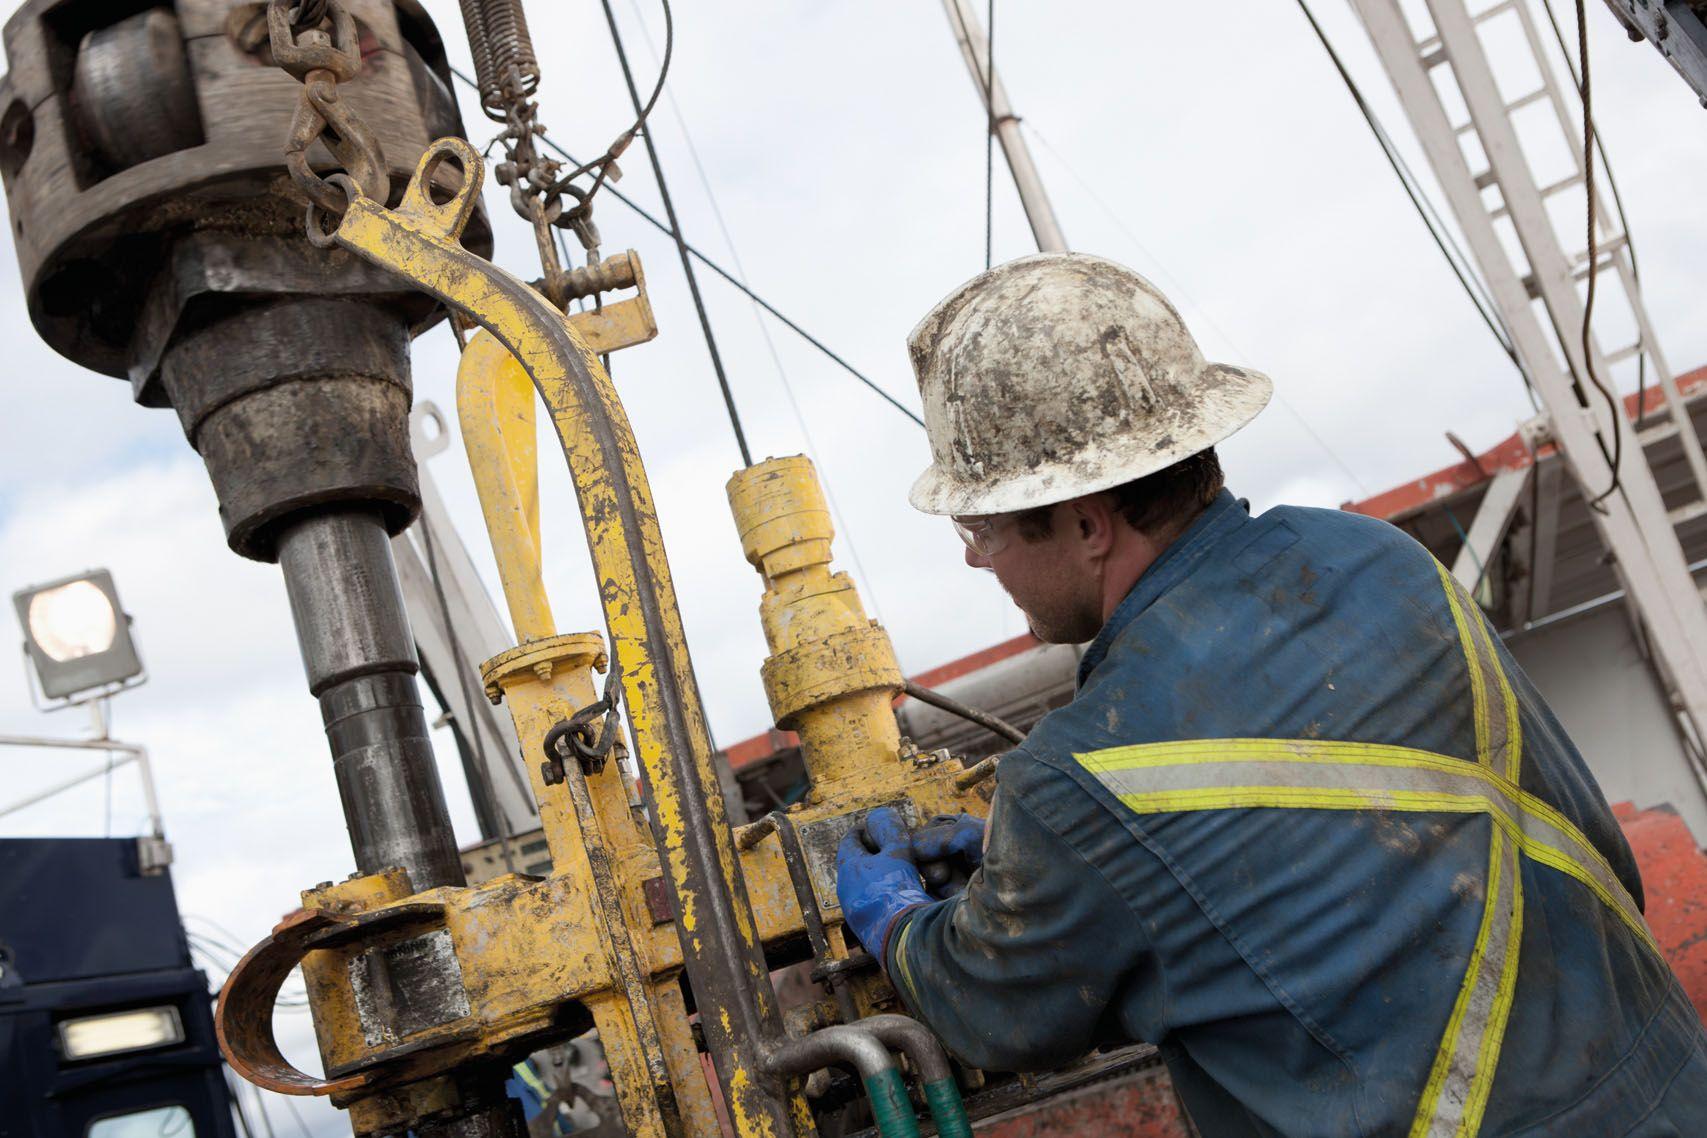 La economía sigue desplomándose: la industria se hundió un 8,1% en junio